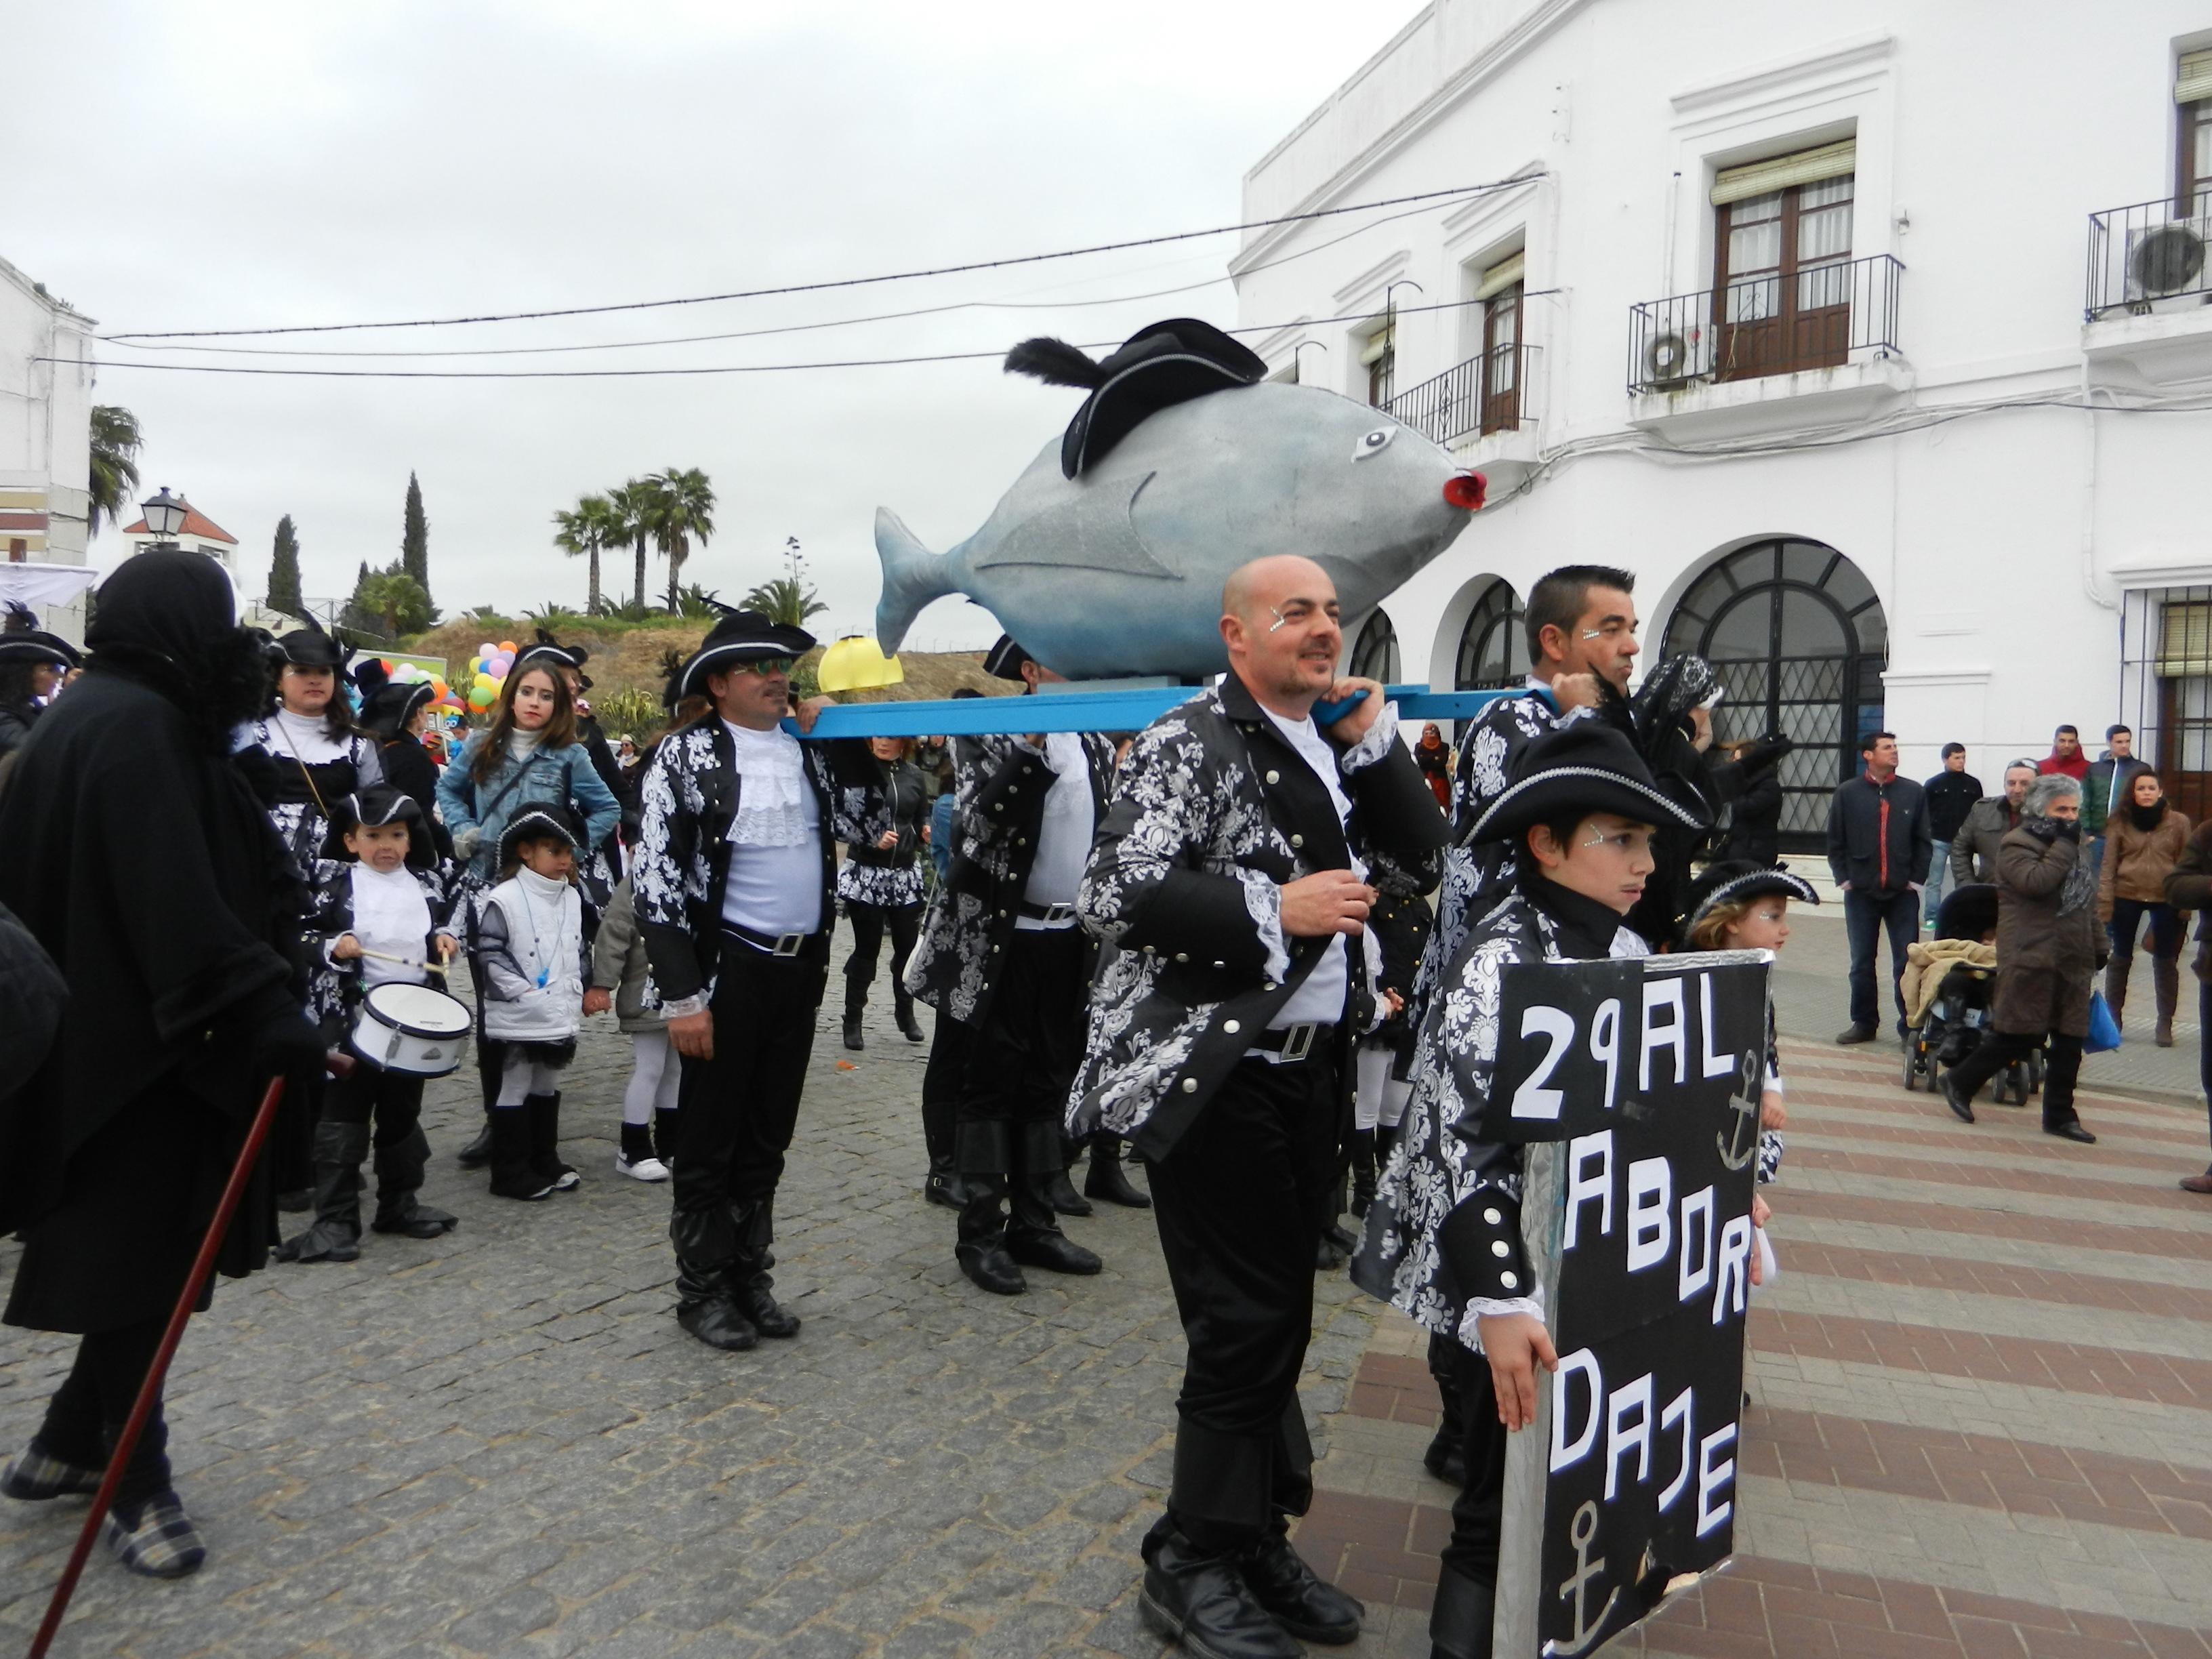 La sardina es portada por el grupo Al abordaje